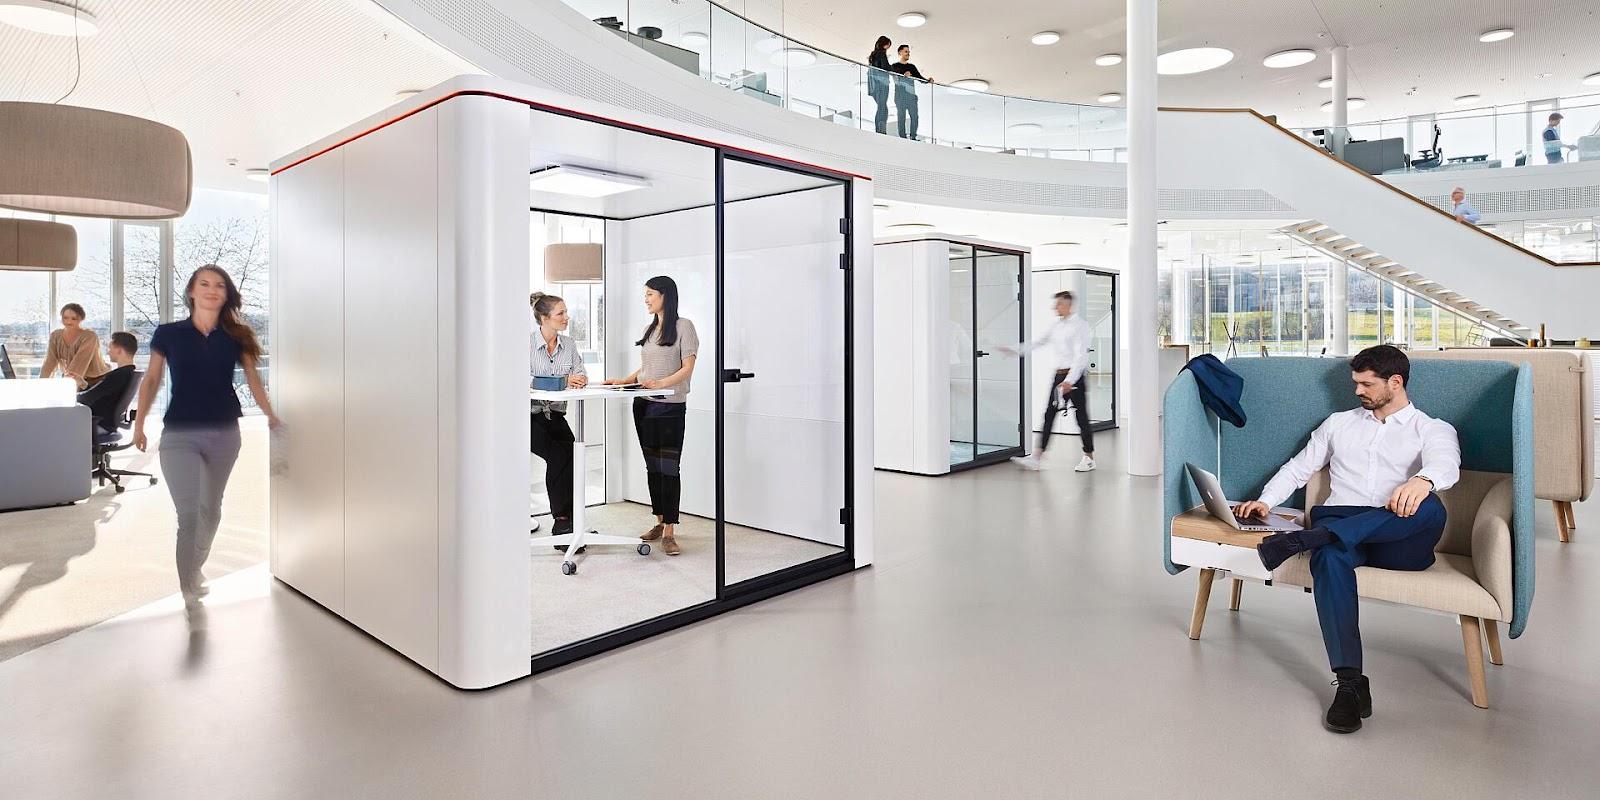 Immagine che contiene pavimento, interni, stanza  Descrizione generata automaticamente